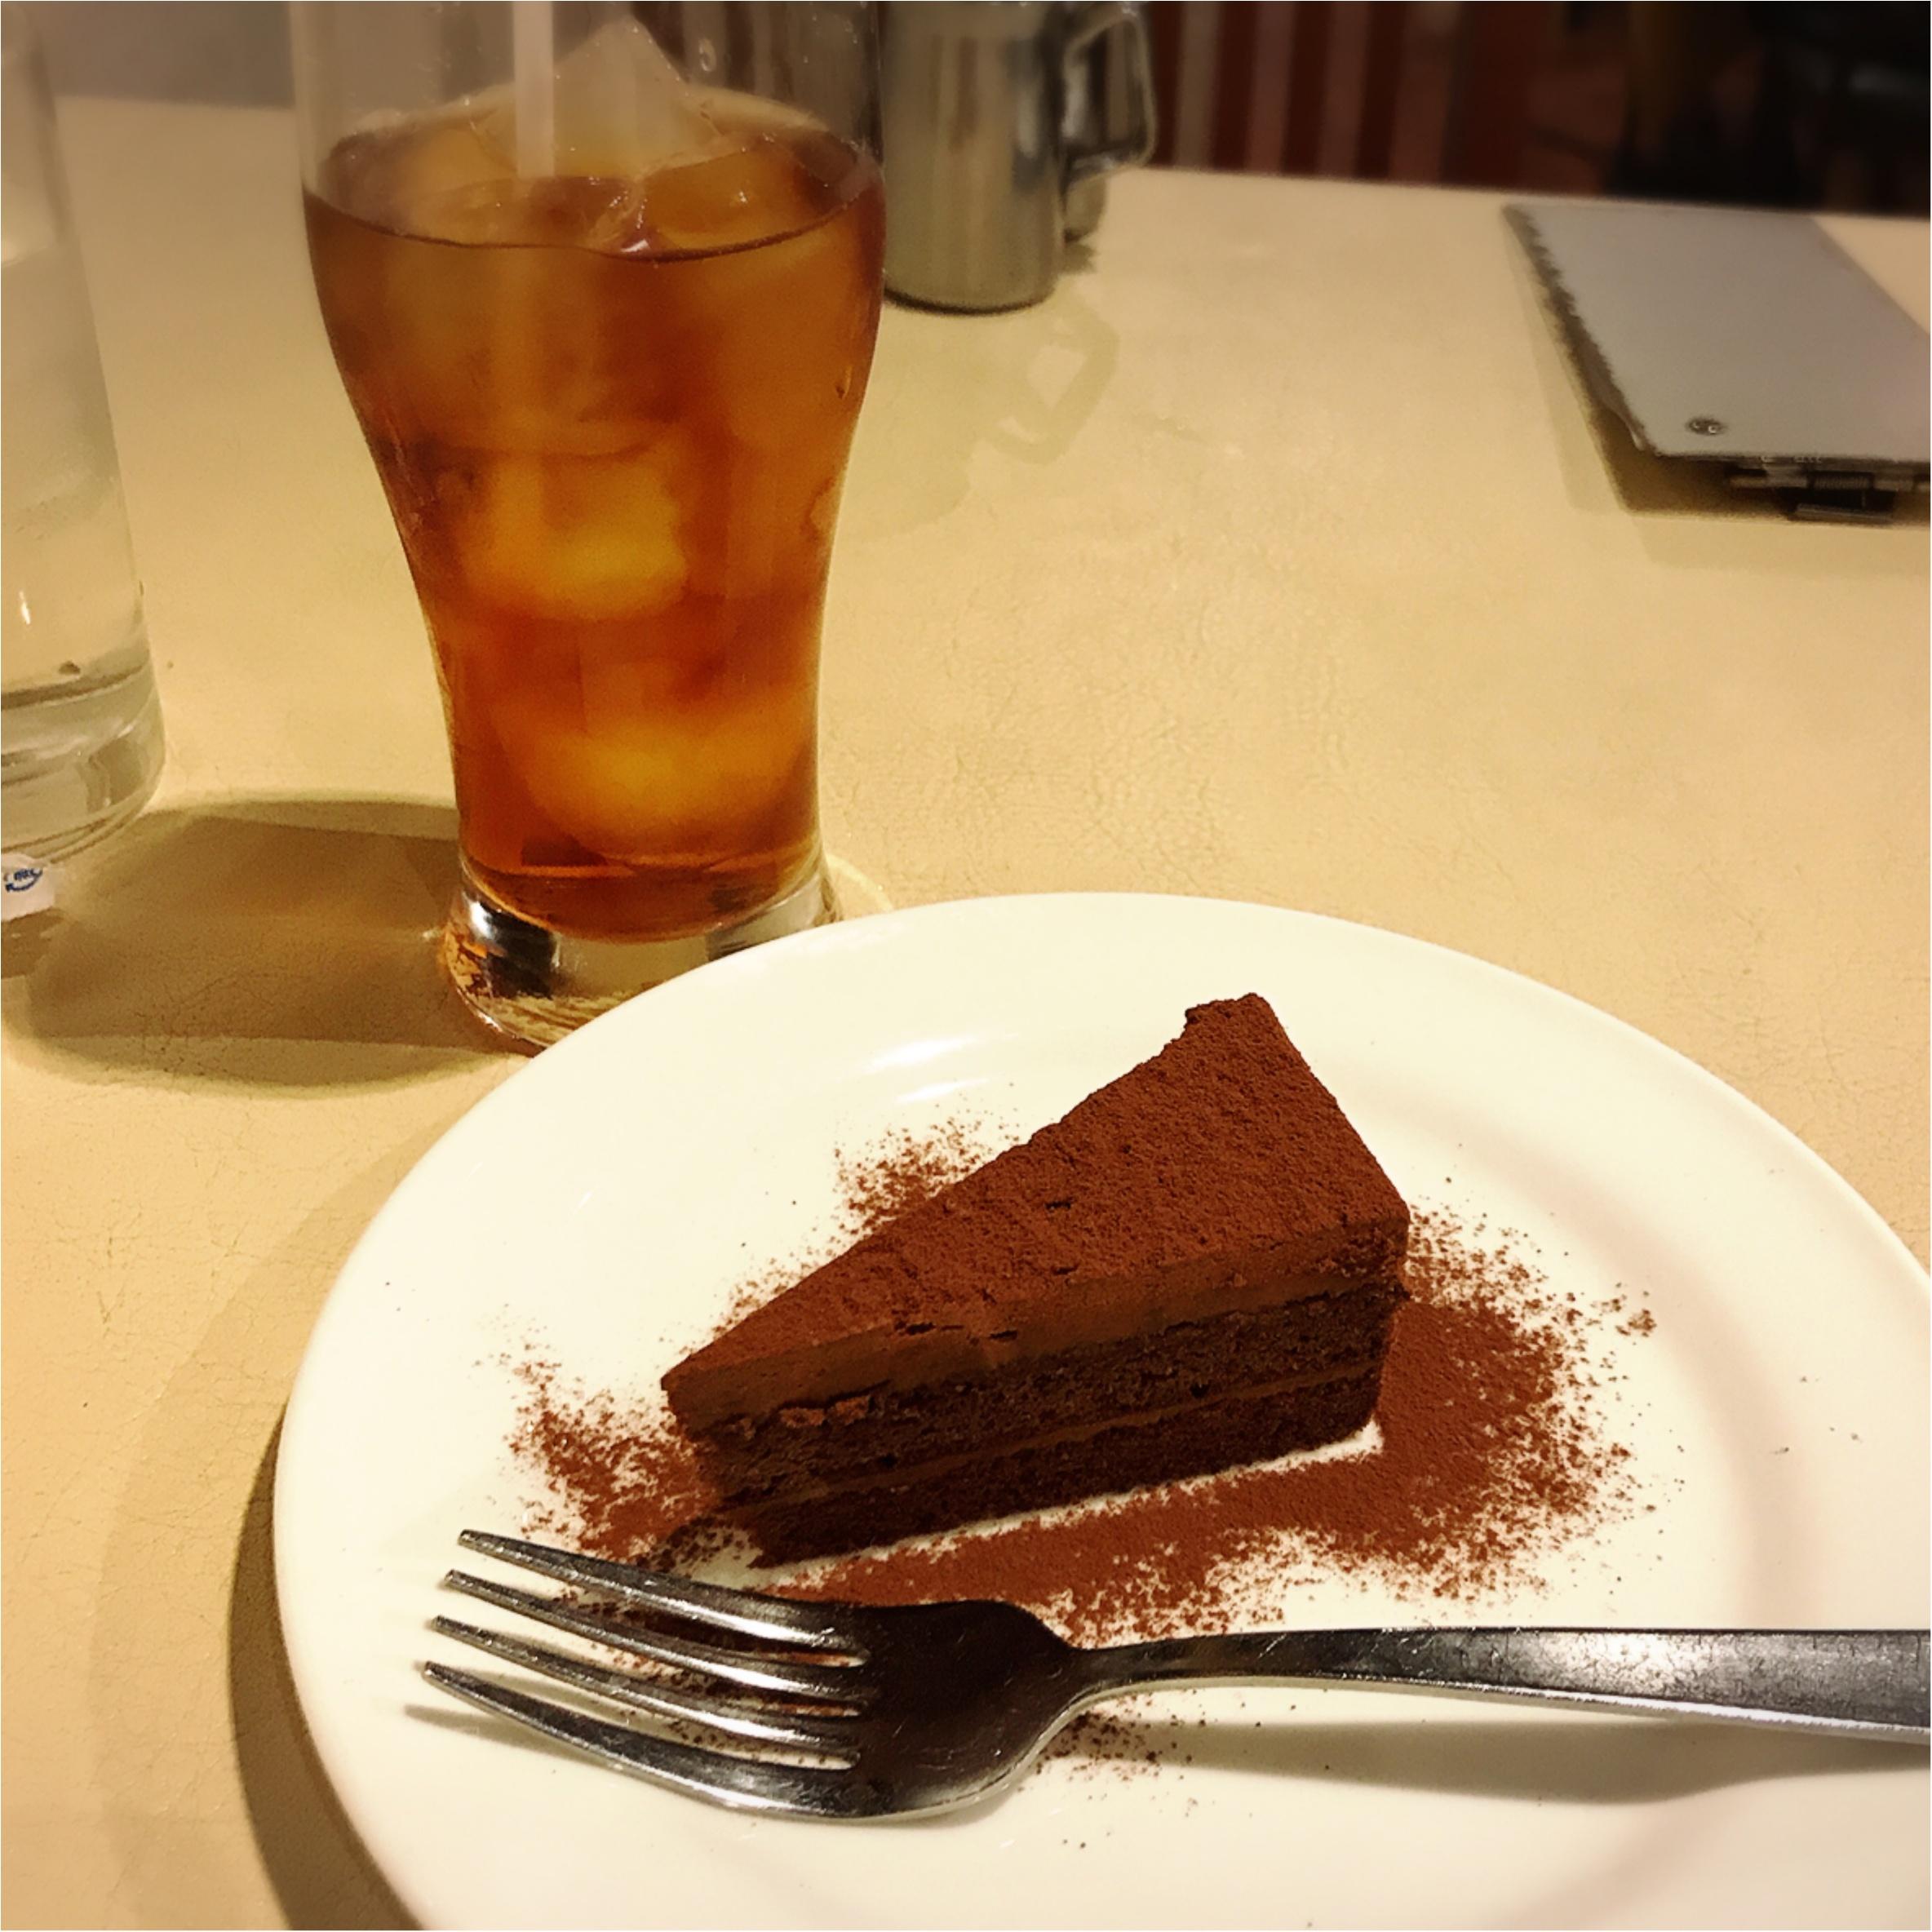 【銀座ランチ】デザート付でこのお値段!?コスパ最強イタリアン♡_4